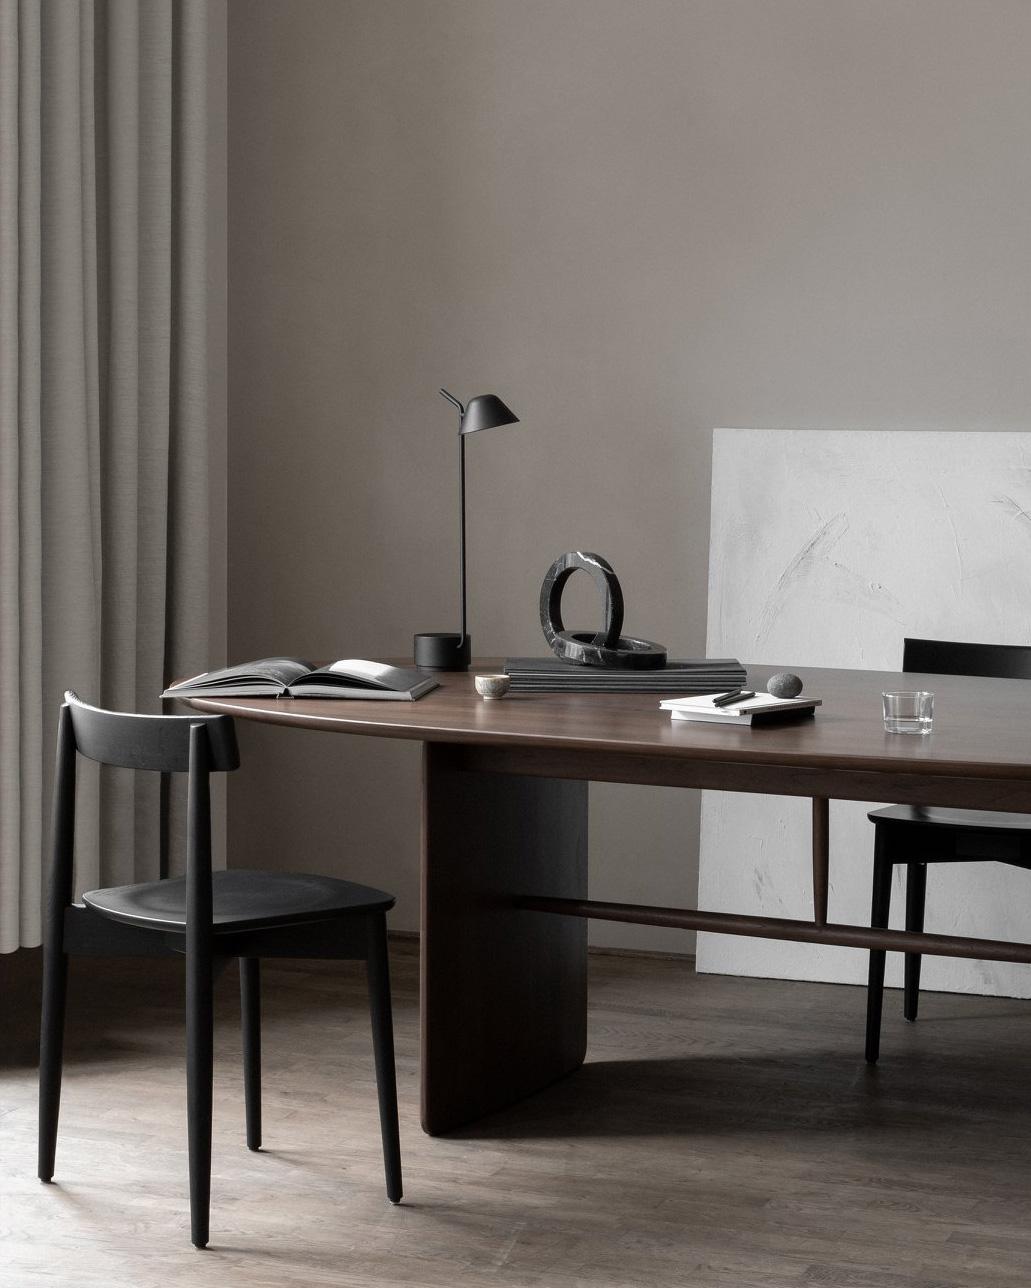 Peek-lamp_pennon-table_1031x1288